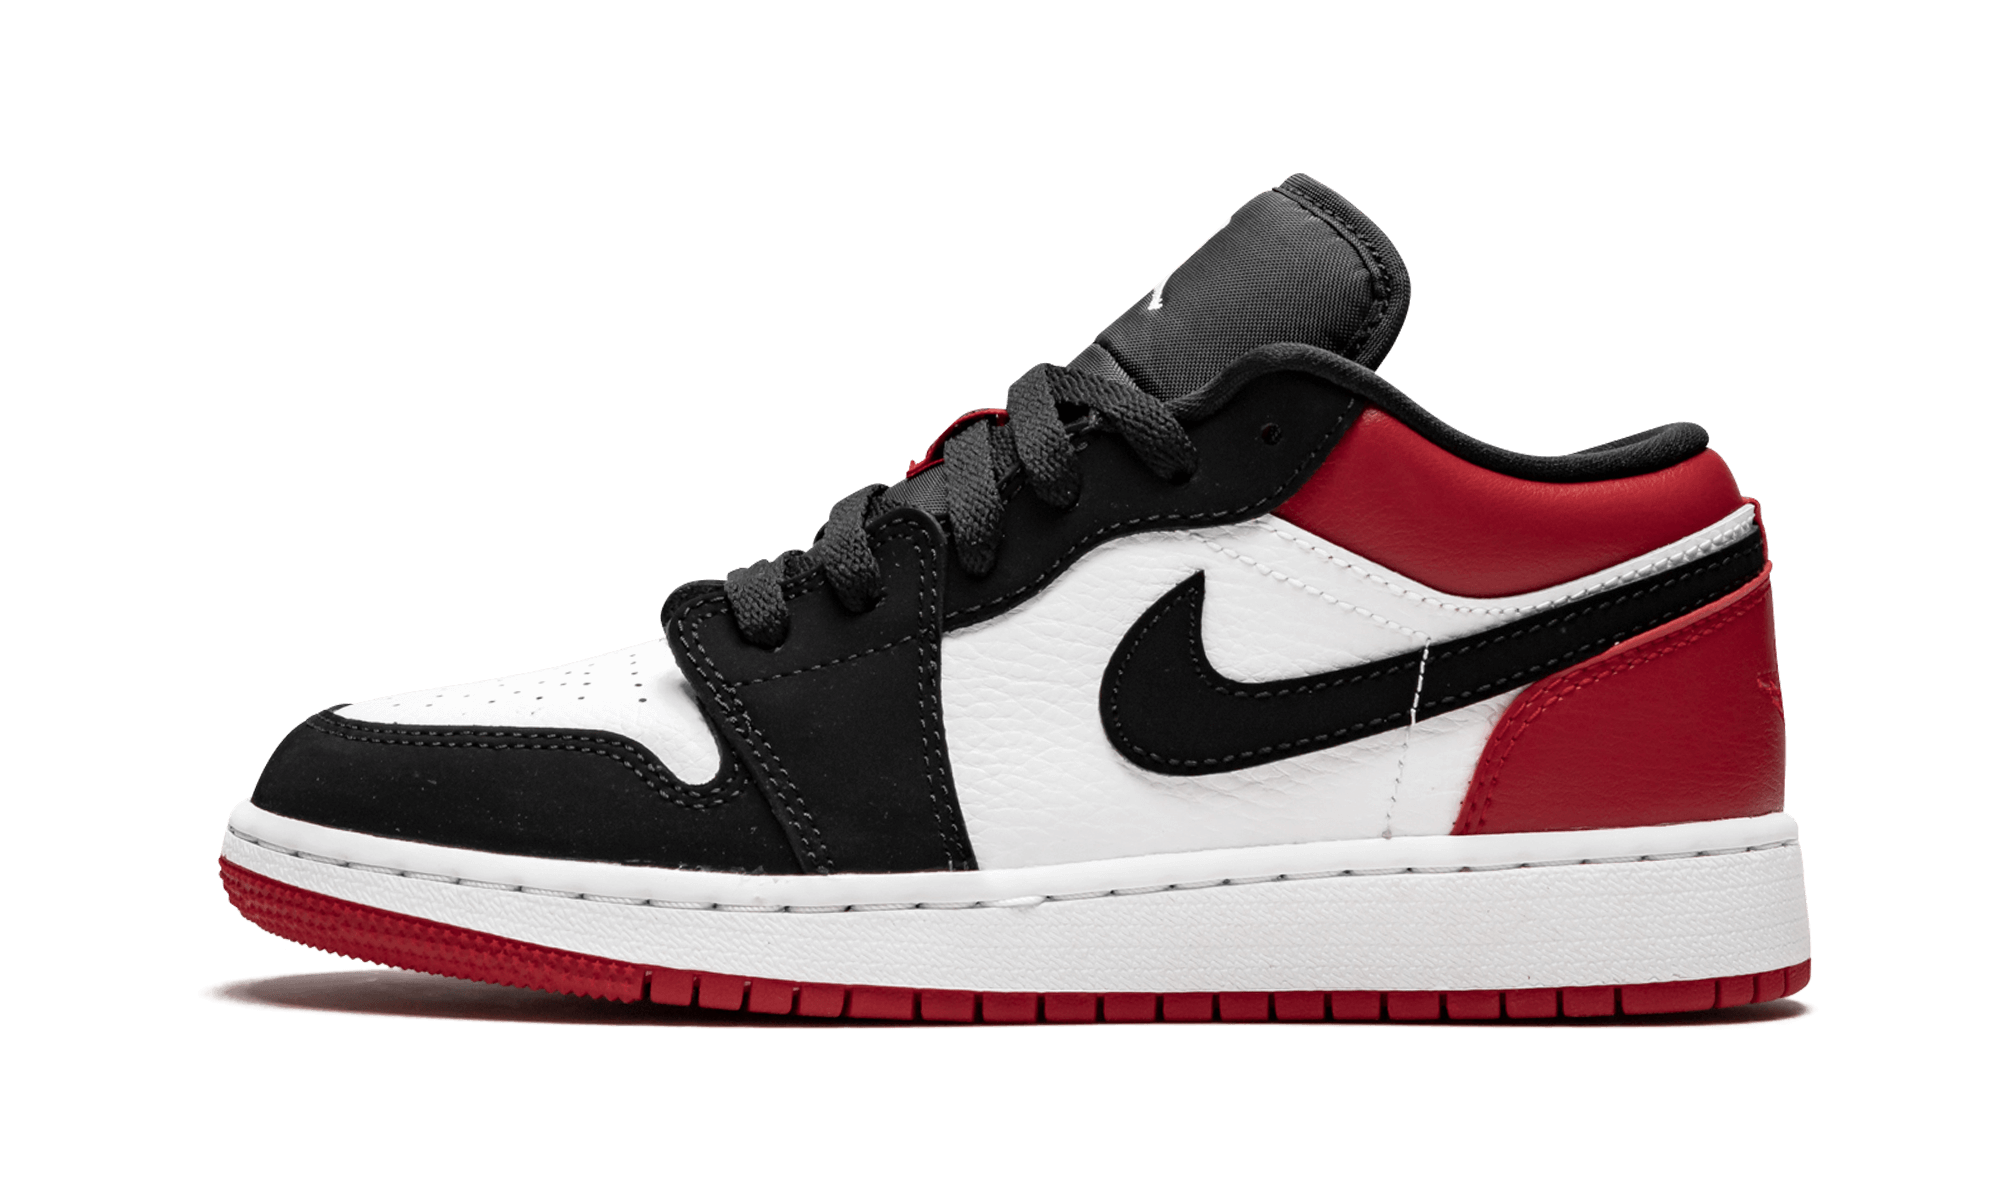 Air Jordan 1 Low Gs Black Toe 553560 116 Jordan Shoes Girls Air Jordans Jordan 1 Low